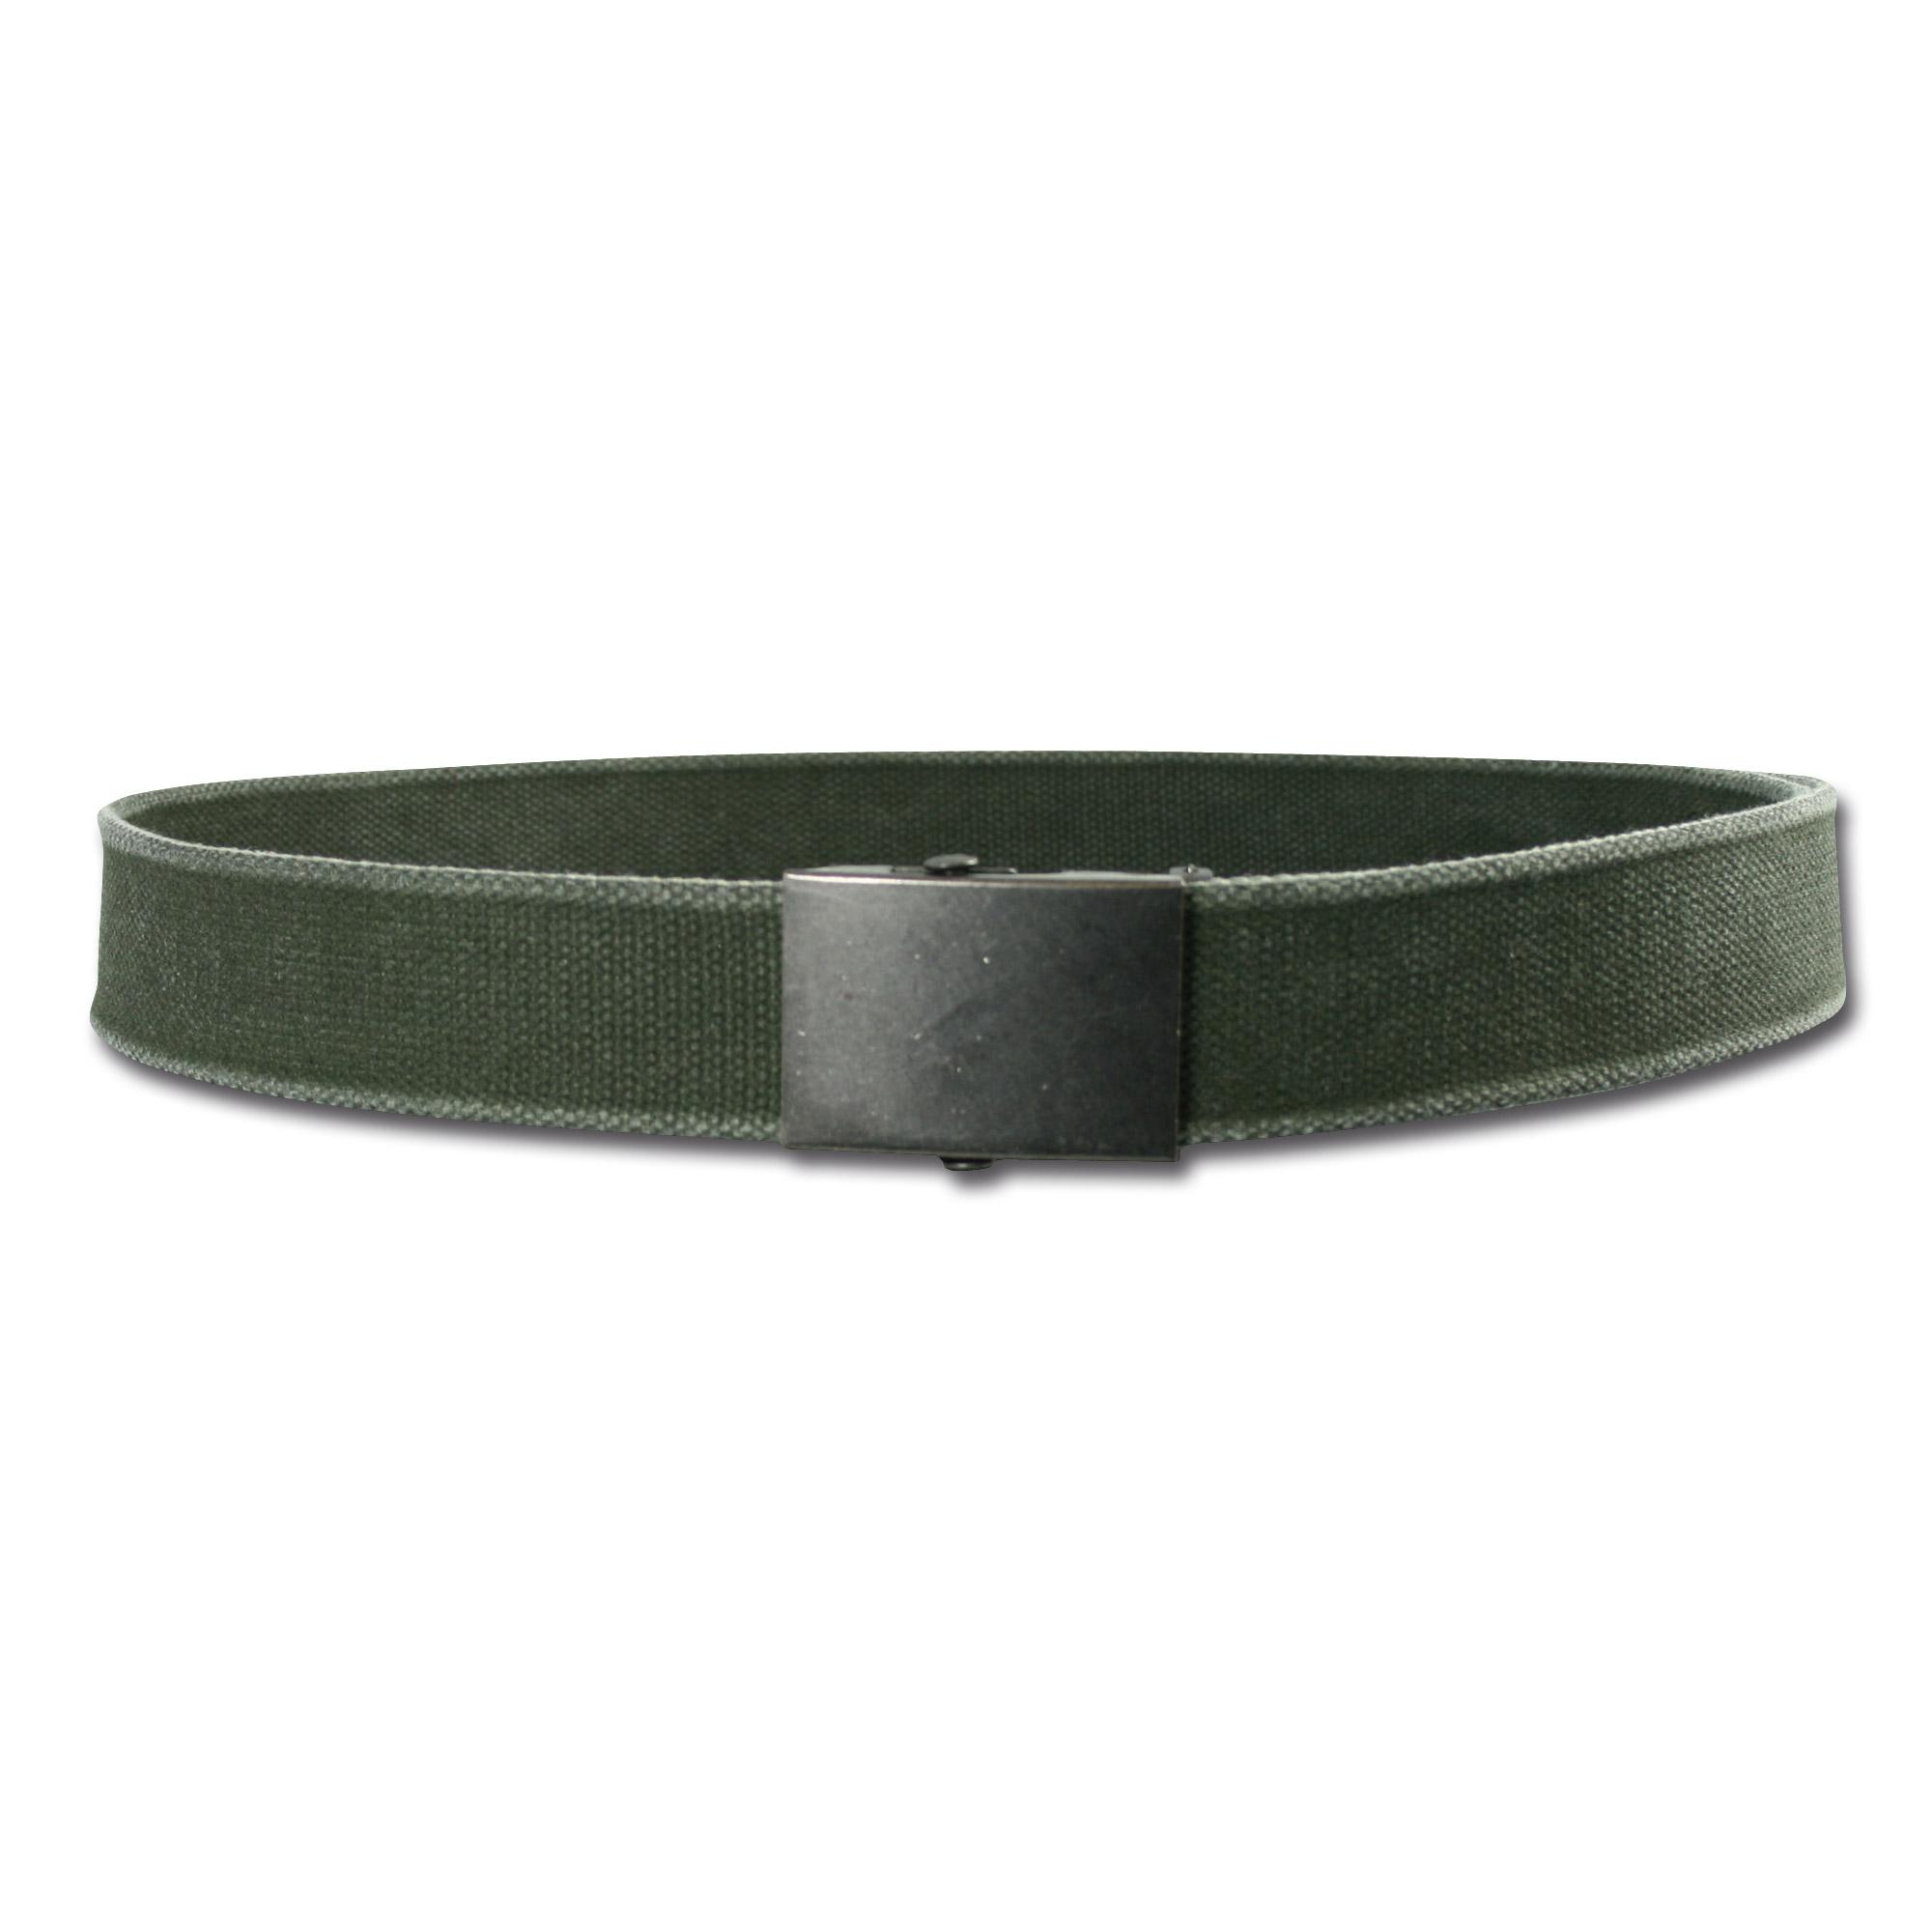 Cintura Web Vintage oliva